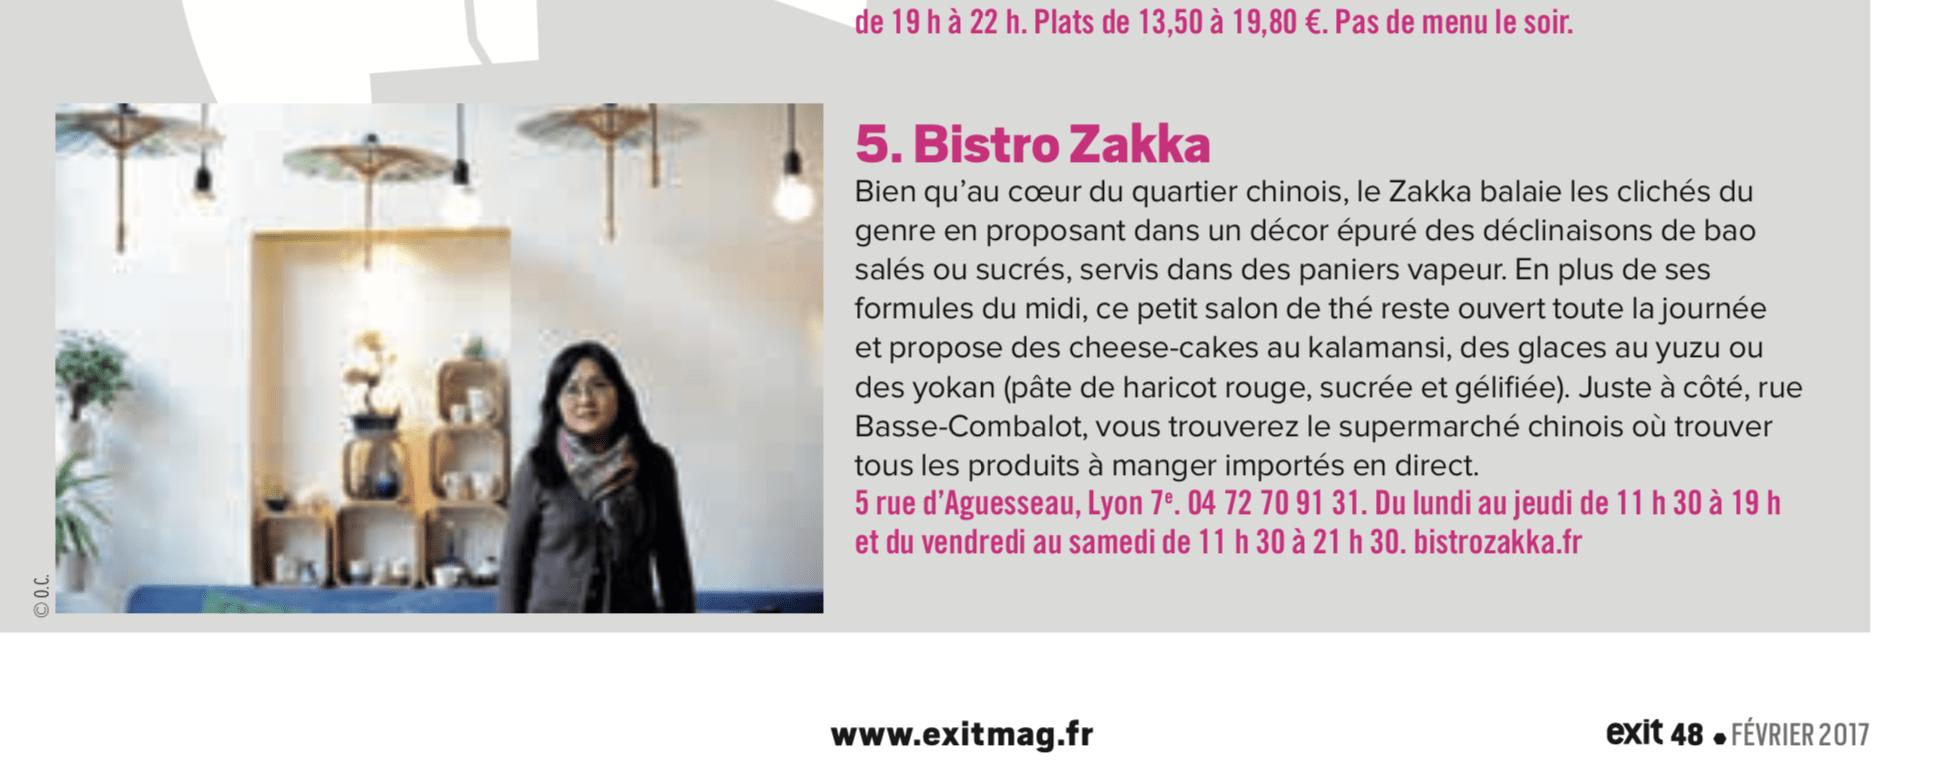 https://exitmag.fr